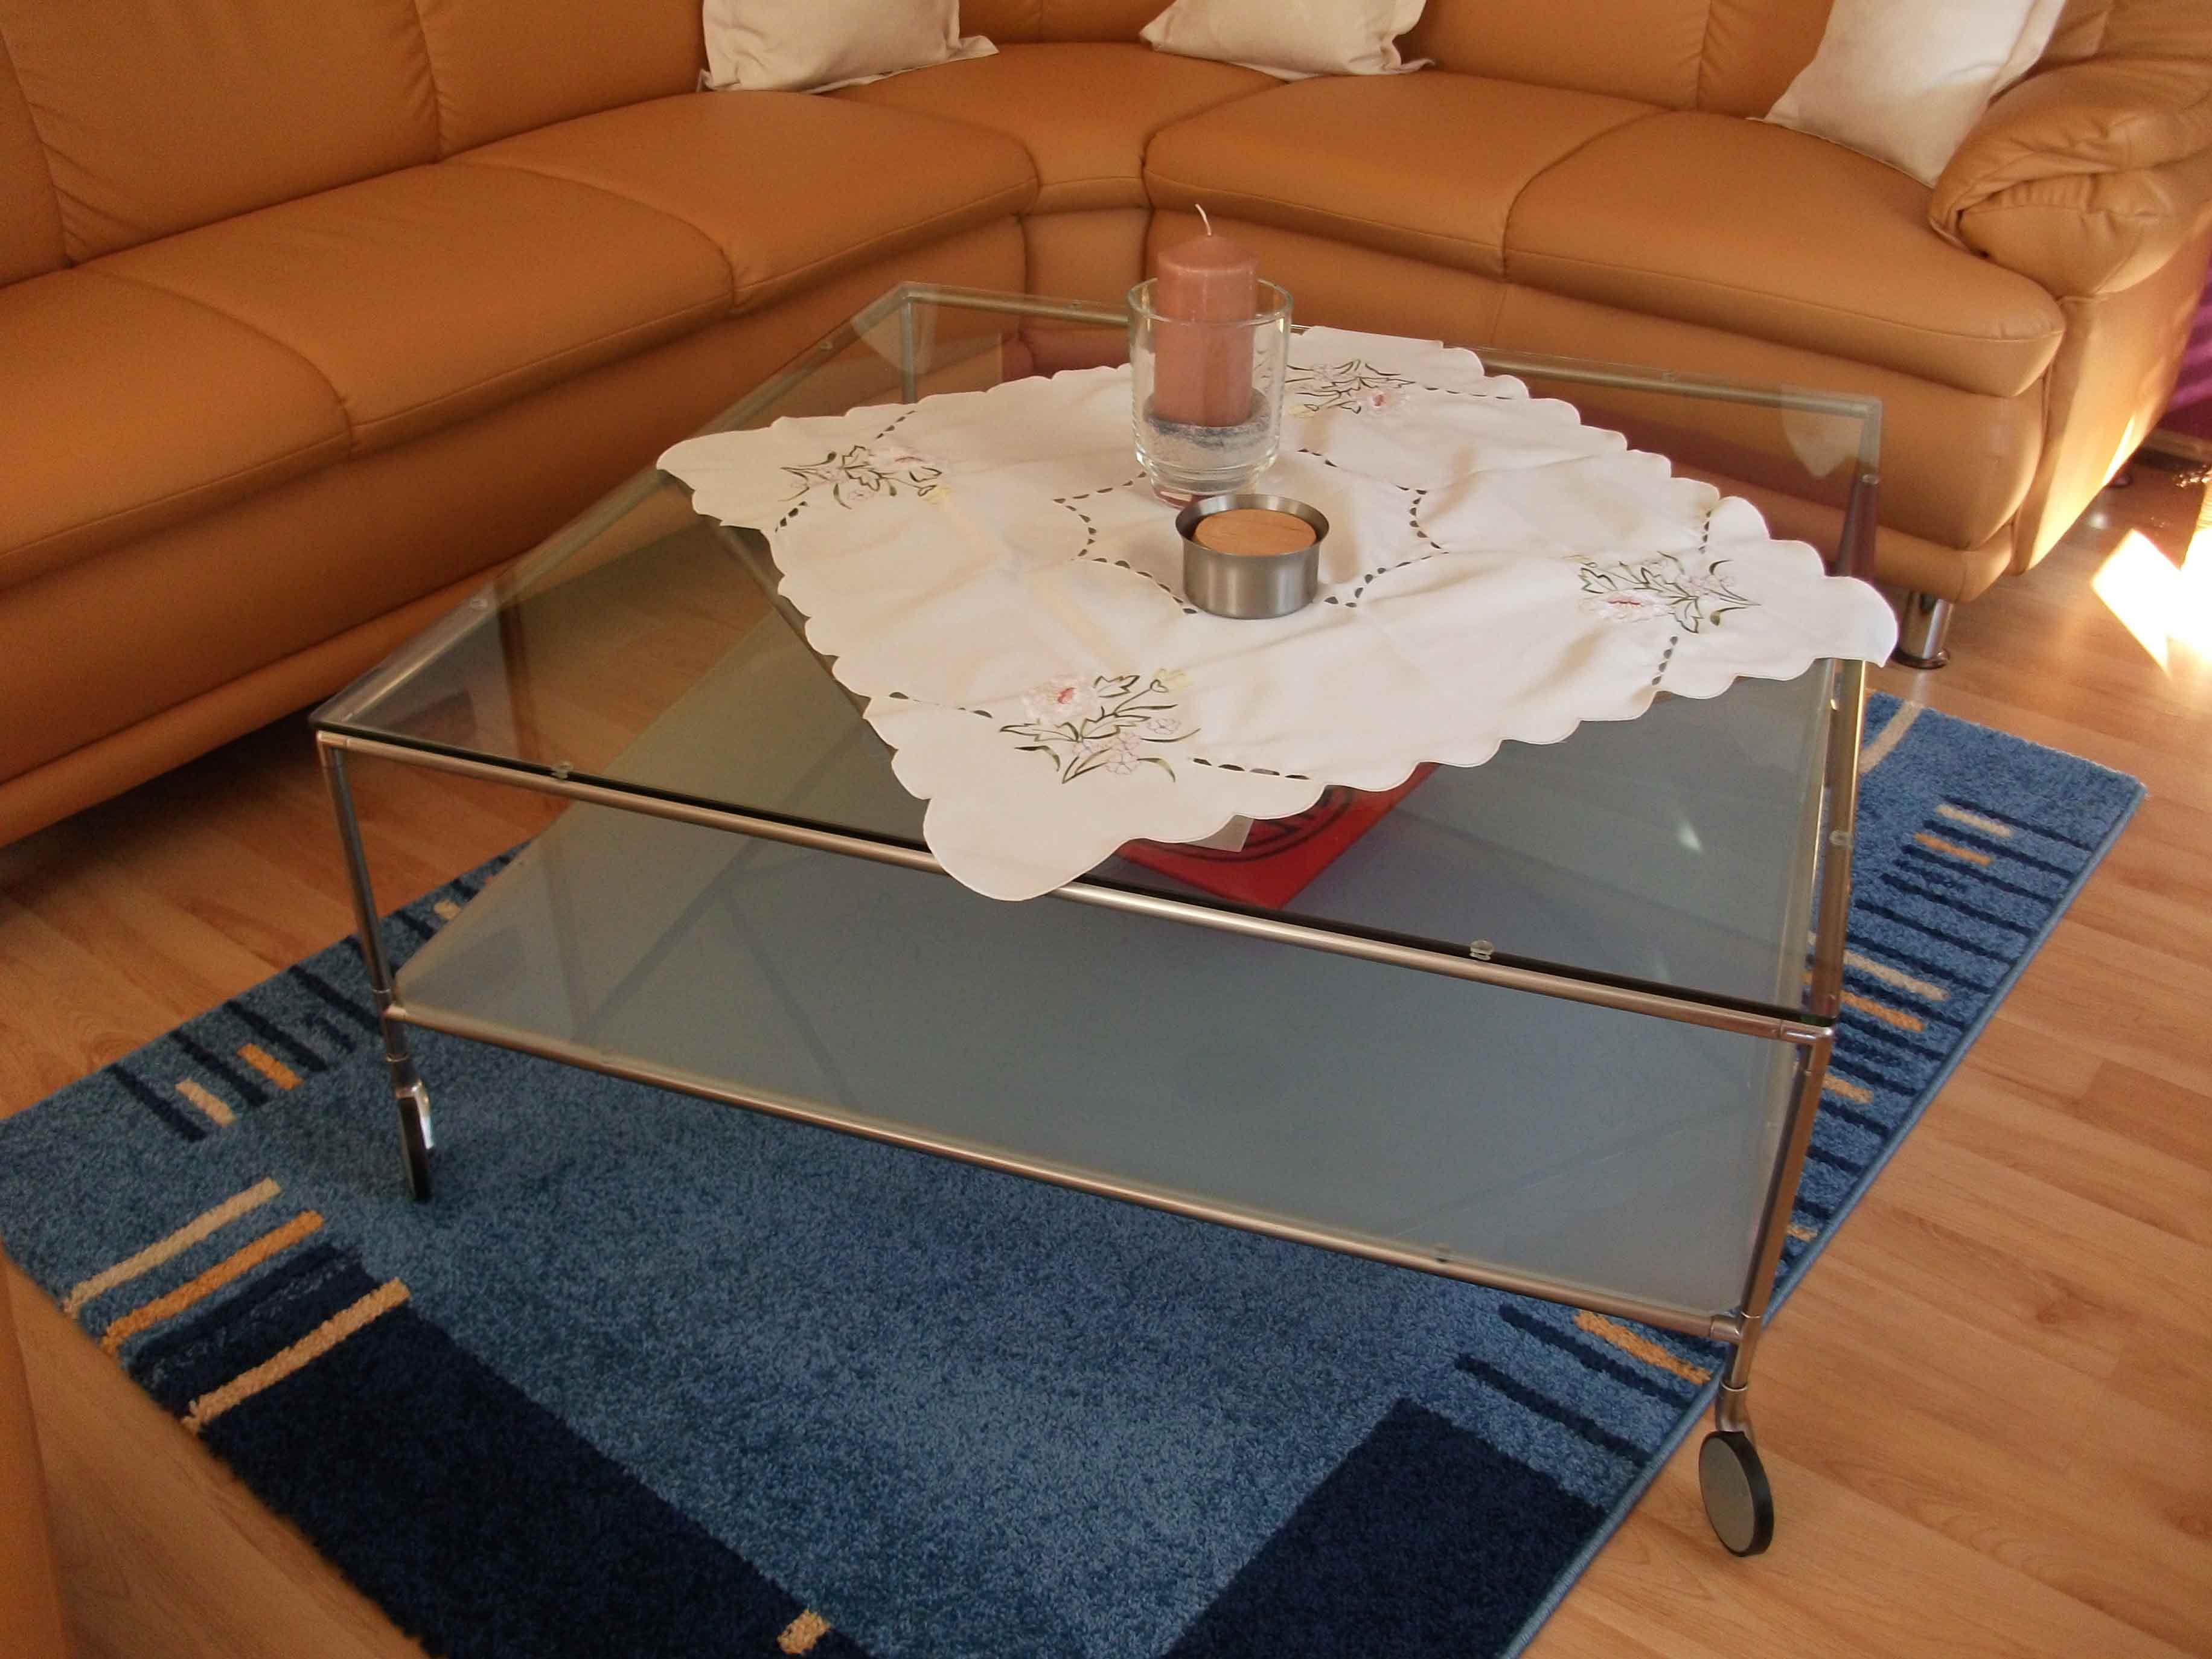 Möbel und Haushalt Kleinanzeigen in Oberhausen